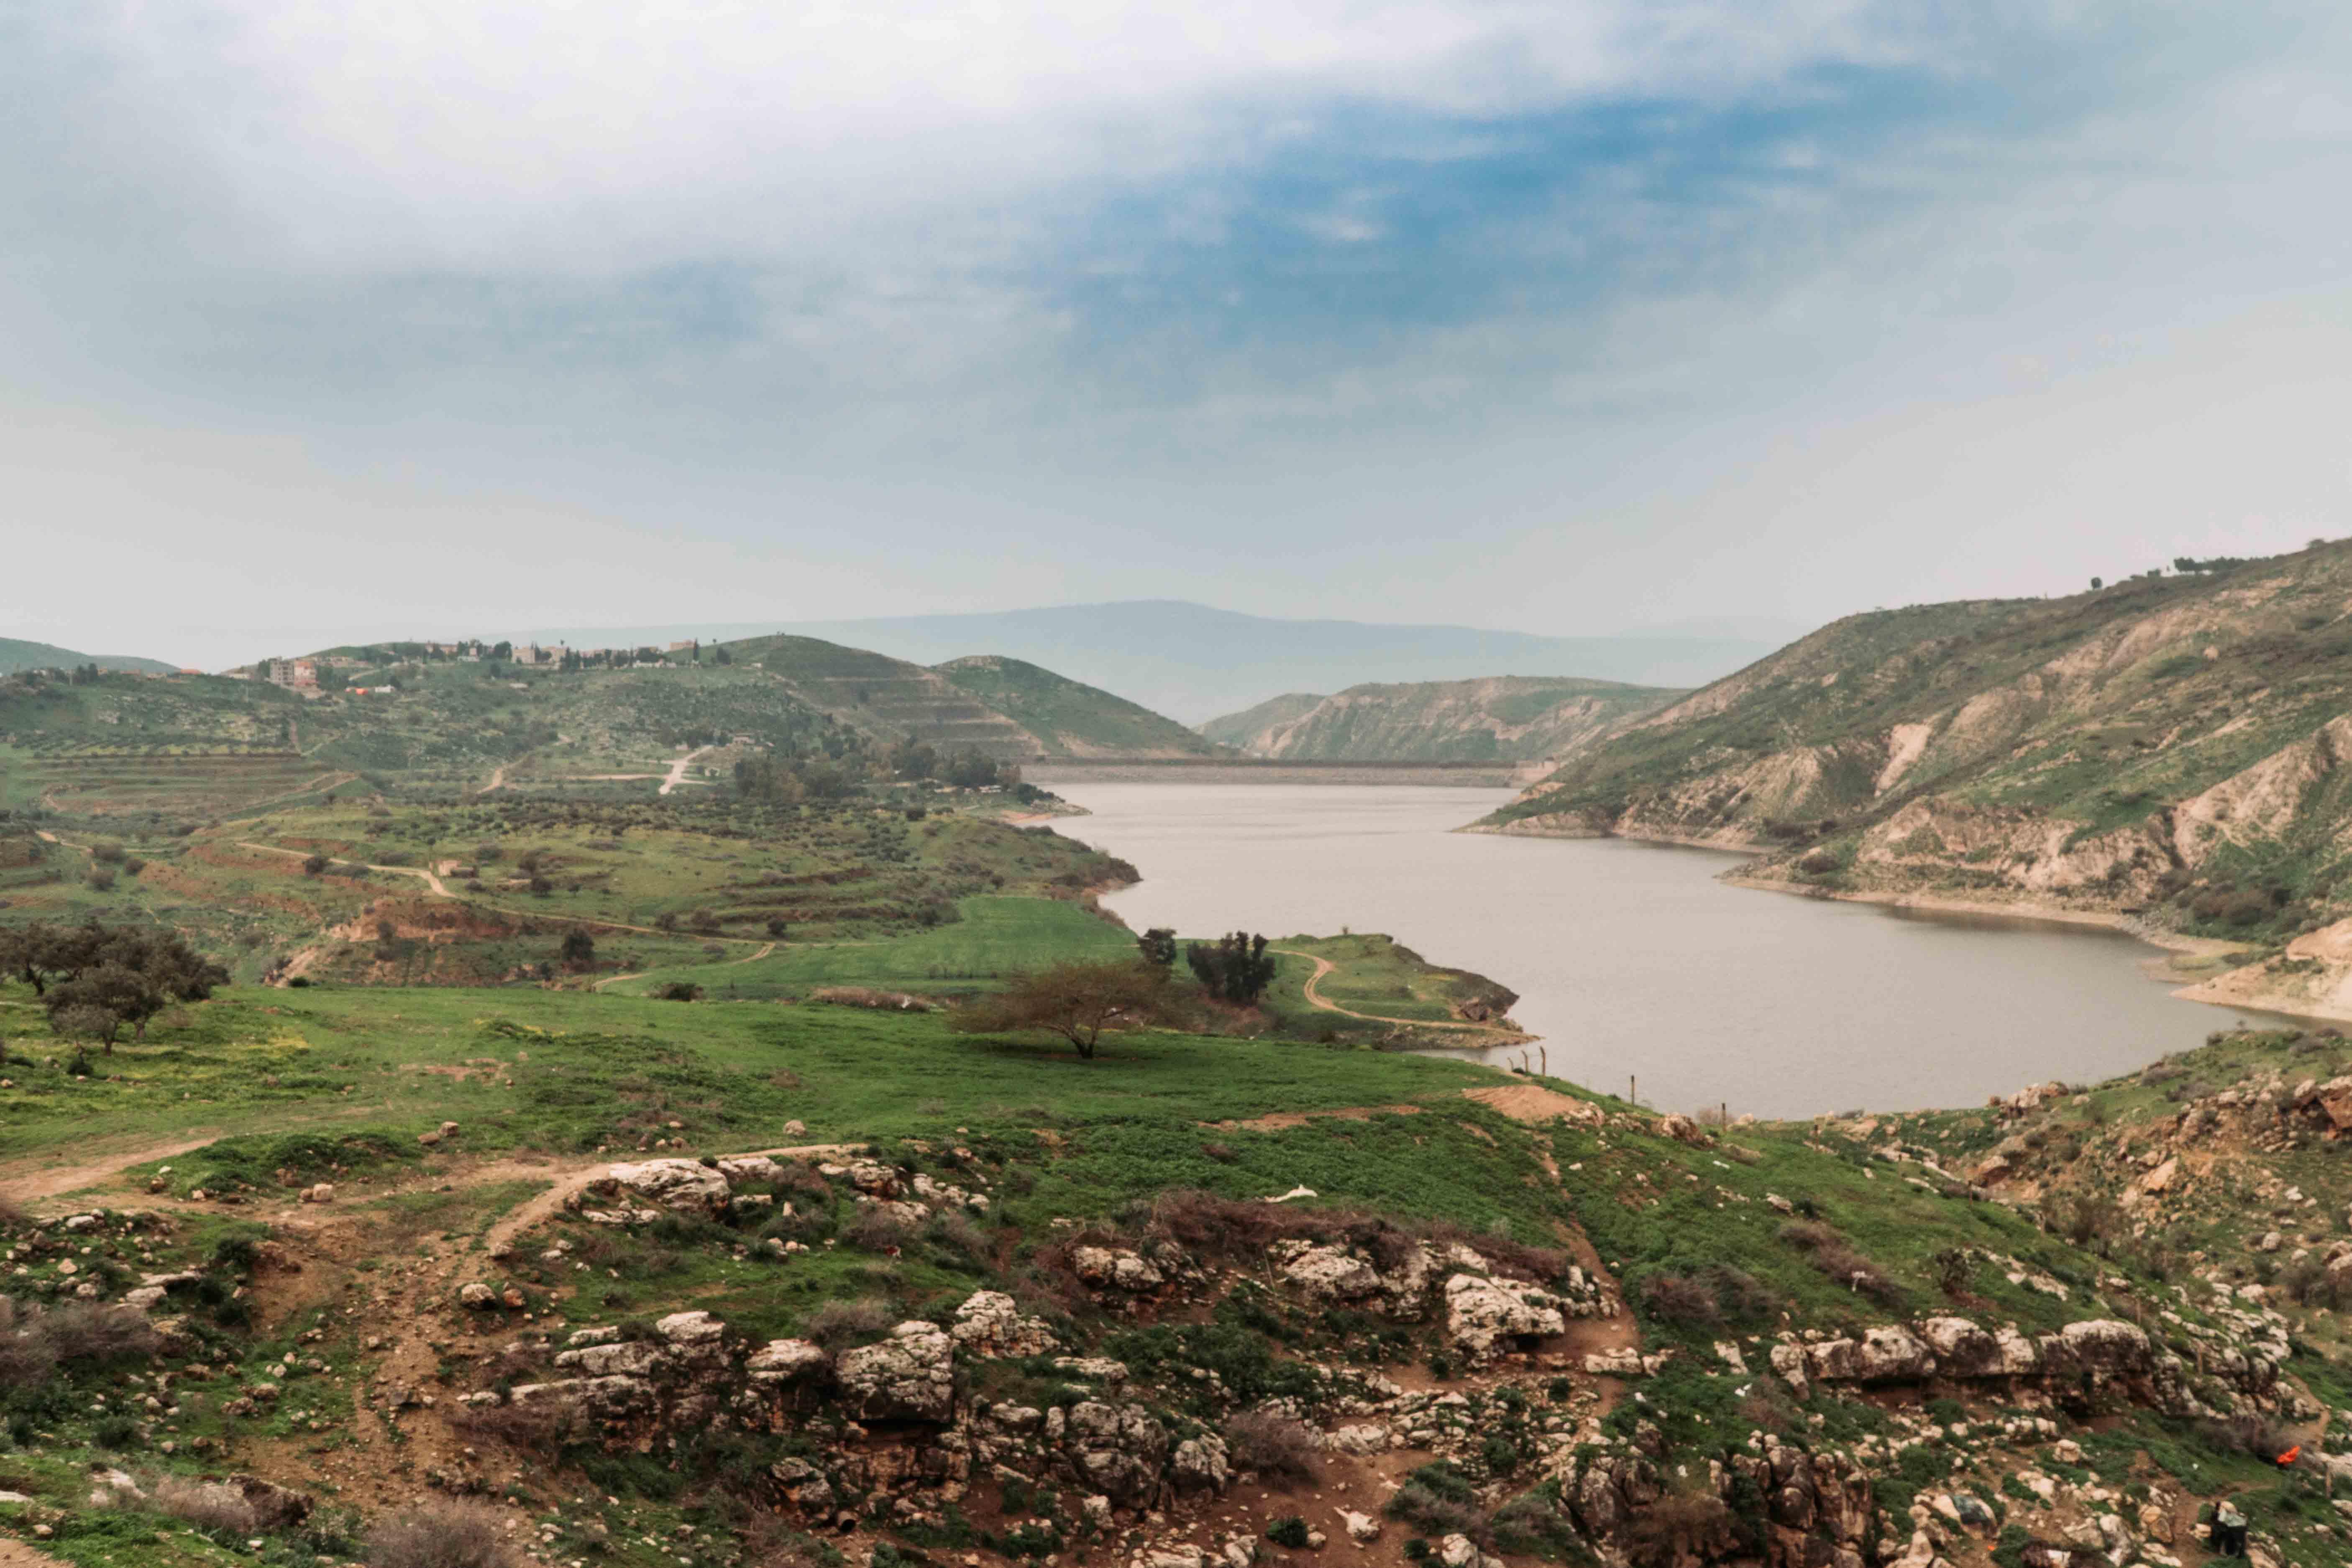 Un'inquadratura del lago di Iribid e della grangia circostante